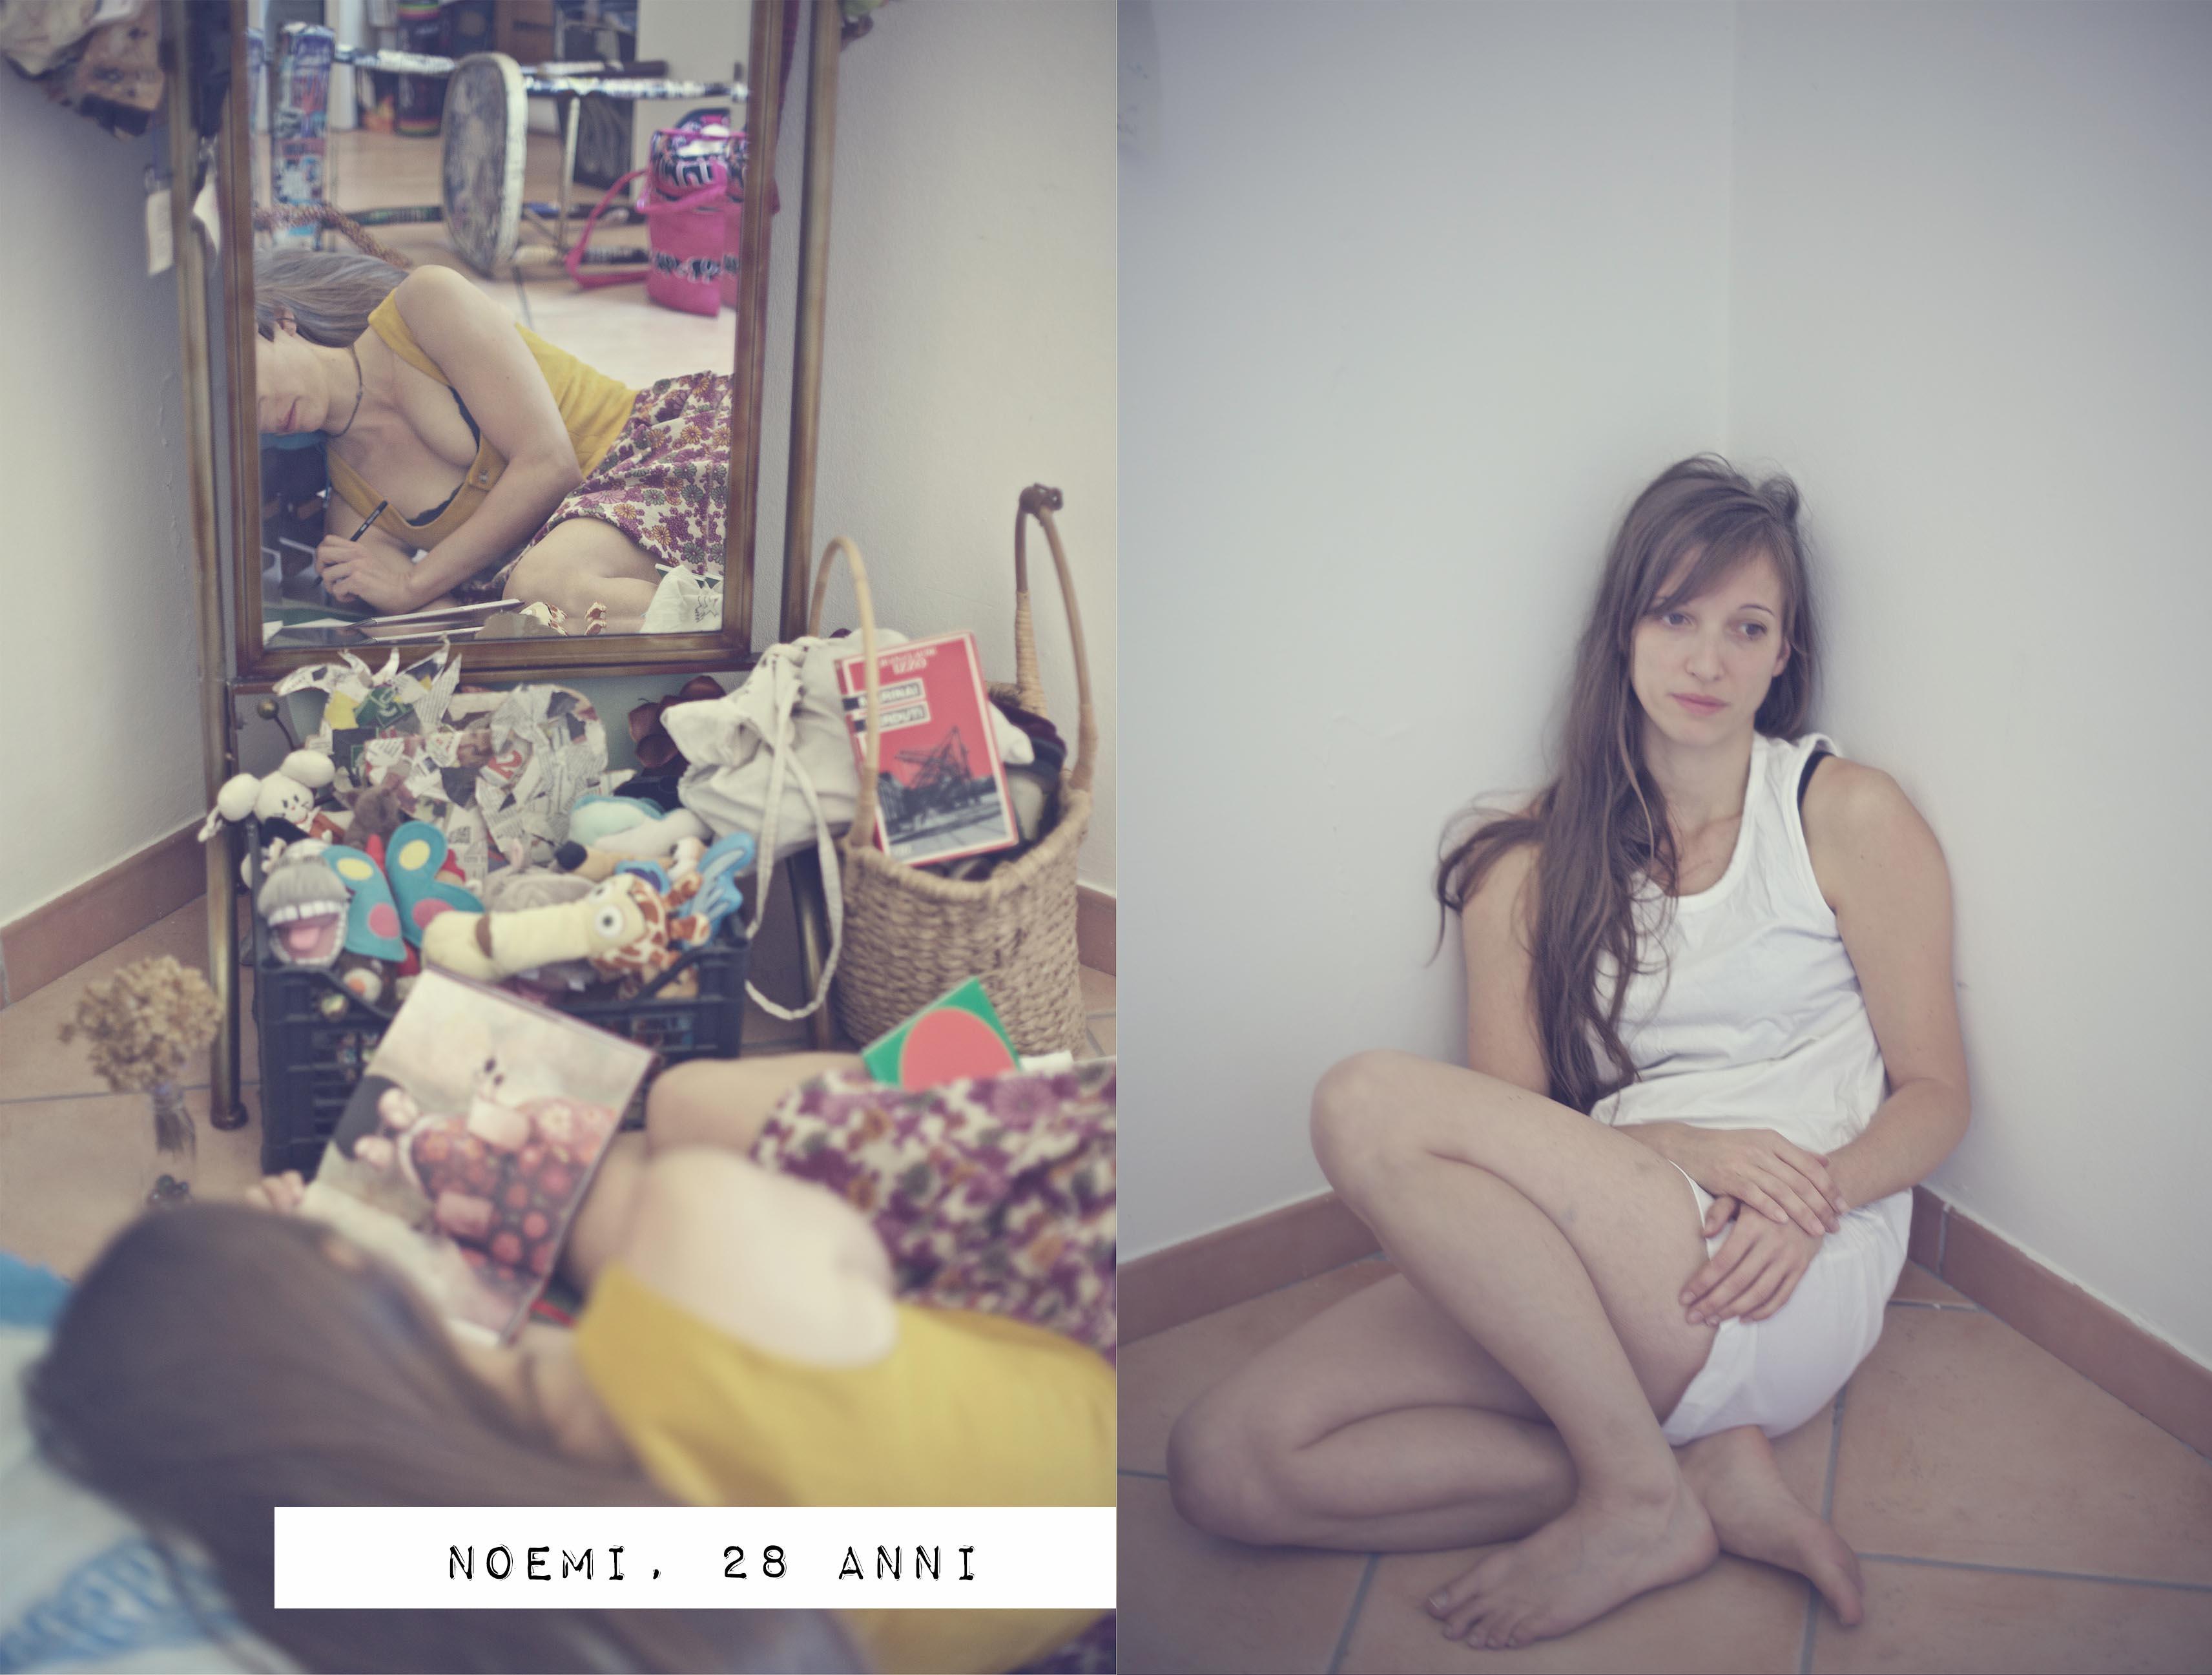 Noemi, 28 anni